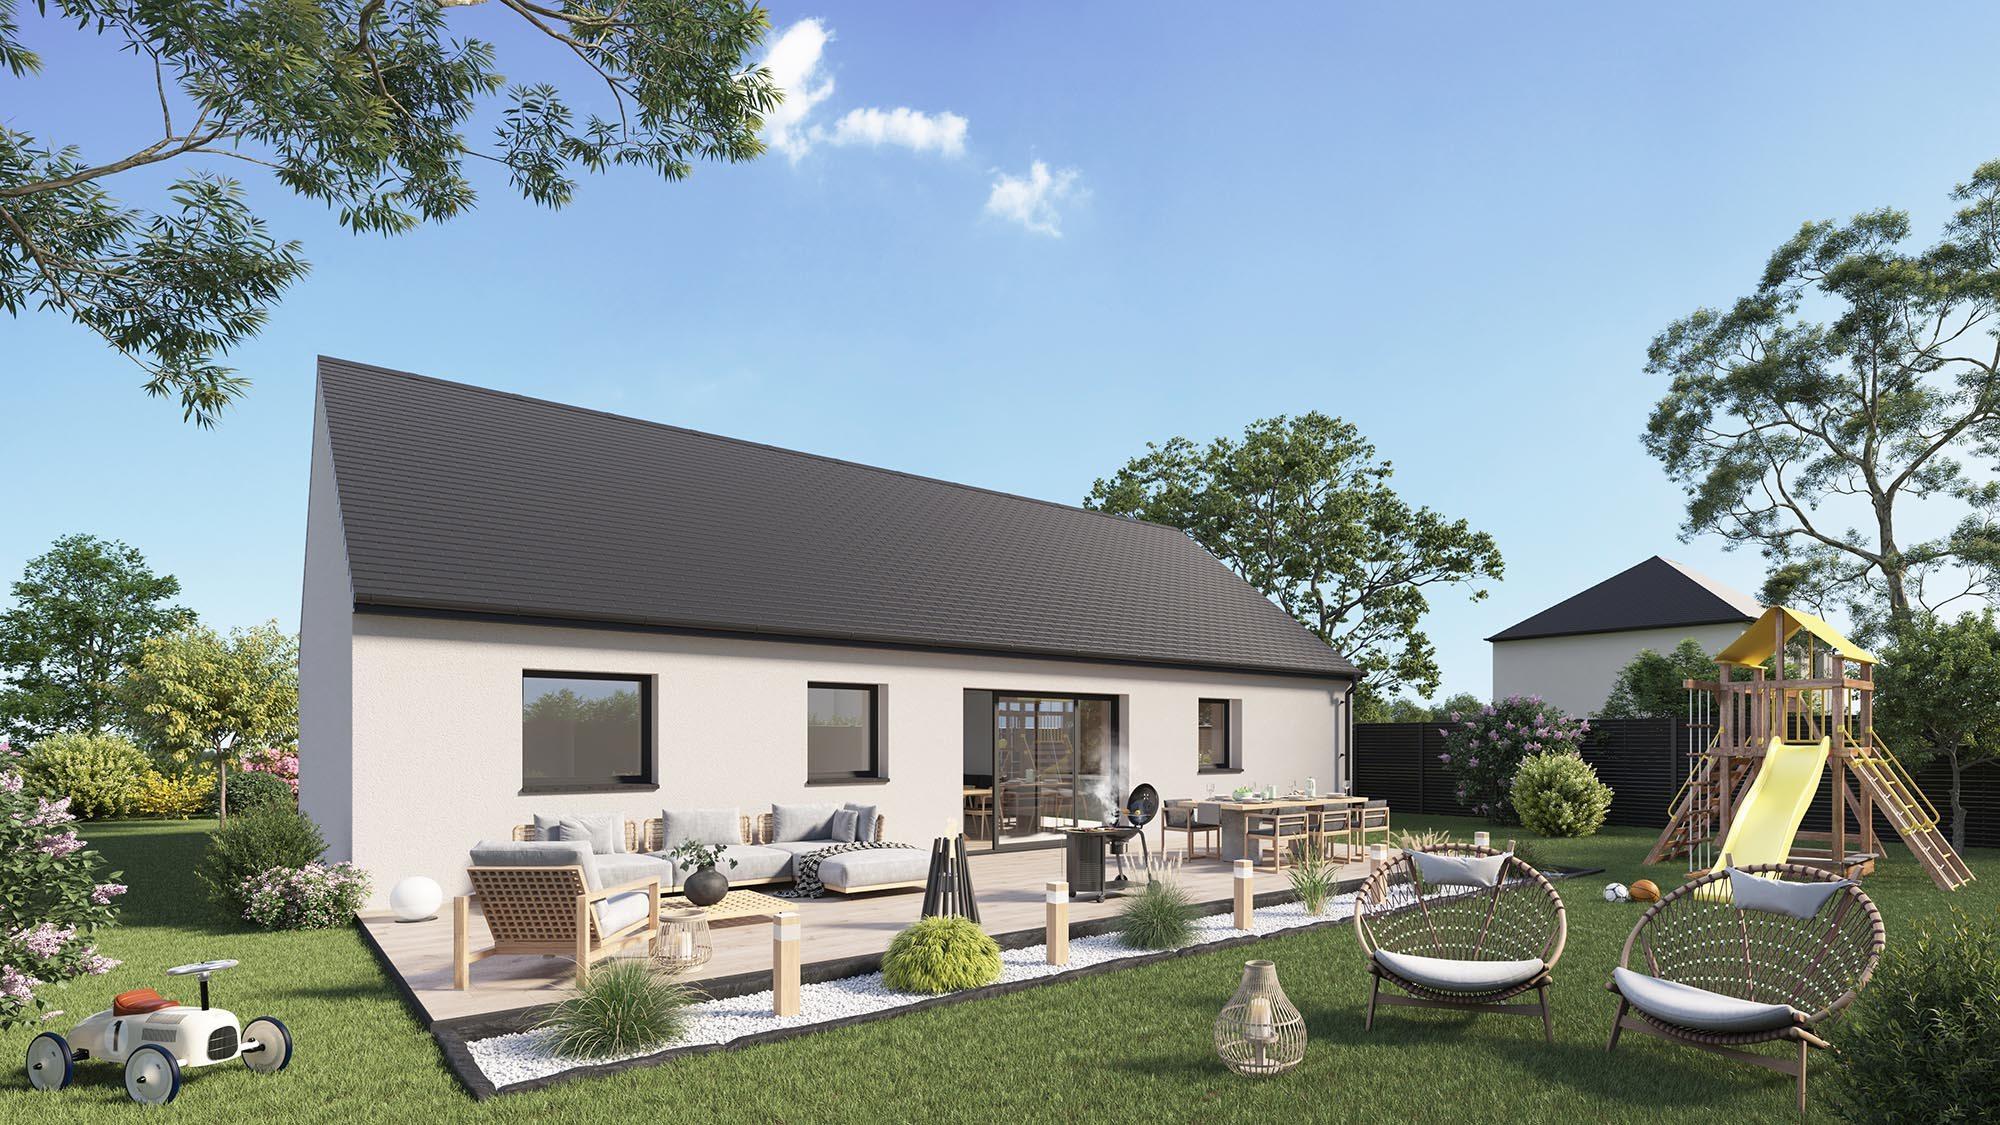 Maisons + Terrains du constructeur Maison Castor St Omer • 98 m² • CAPPELLE BROUCK